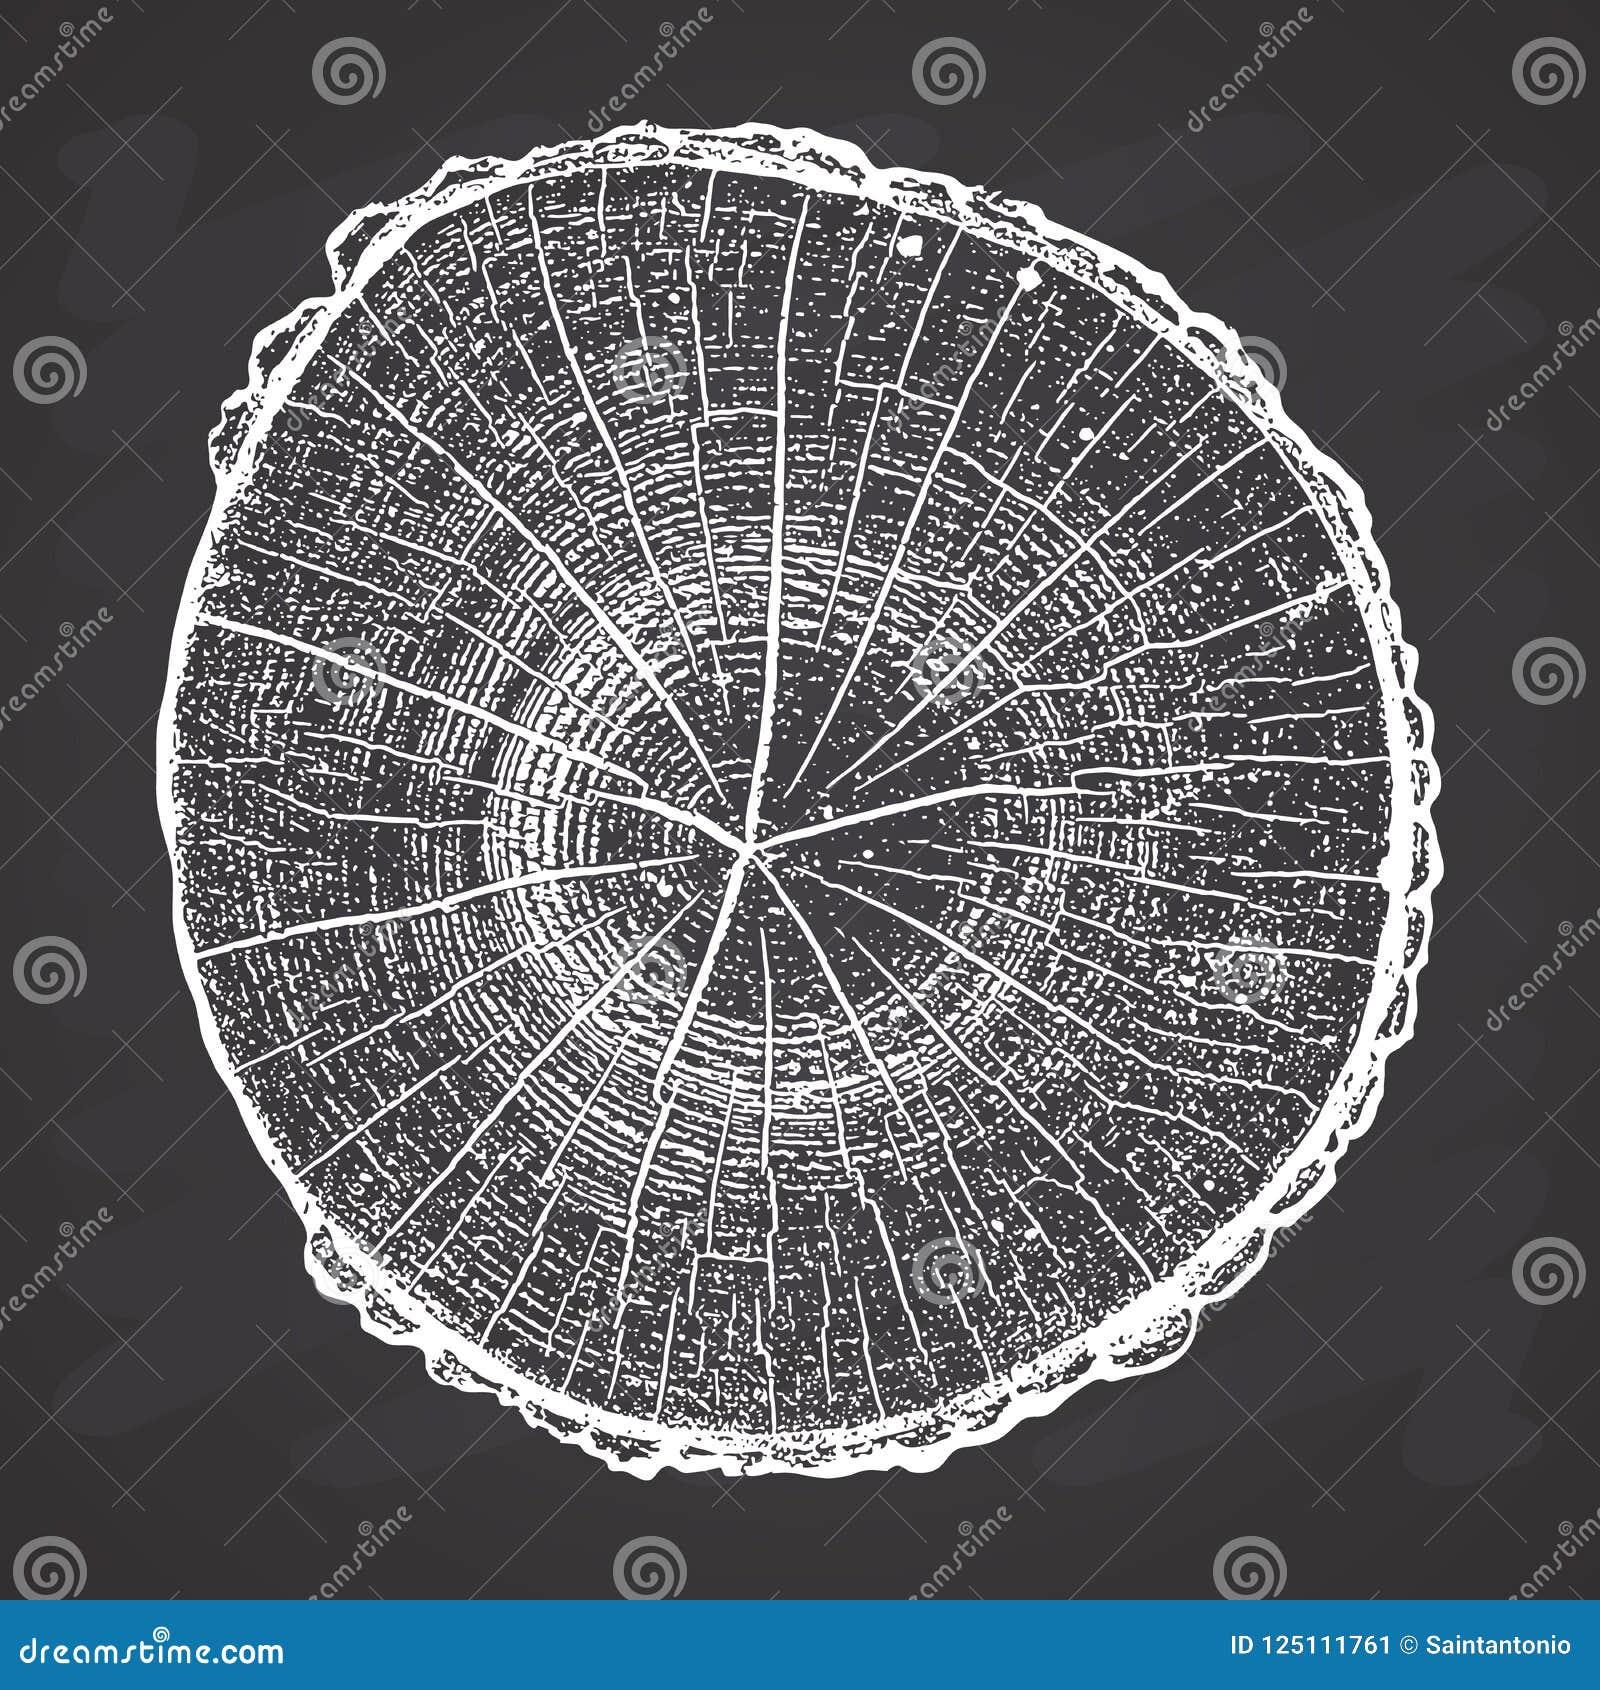 Журнал дерева, деревянная иллюстрация вектора текстуры grunge годичных колец на предпосылке доски